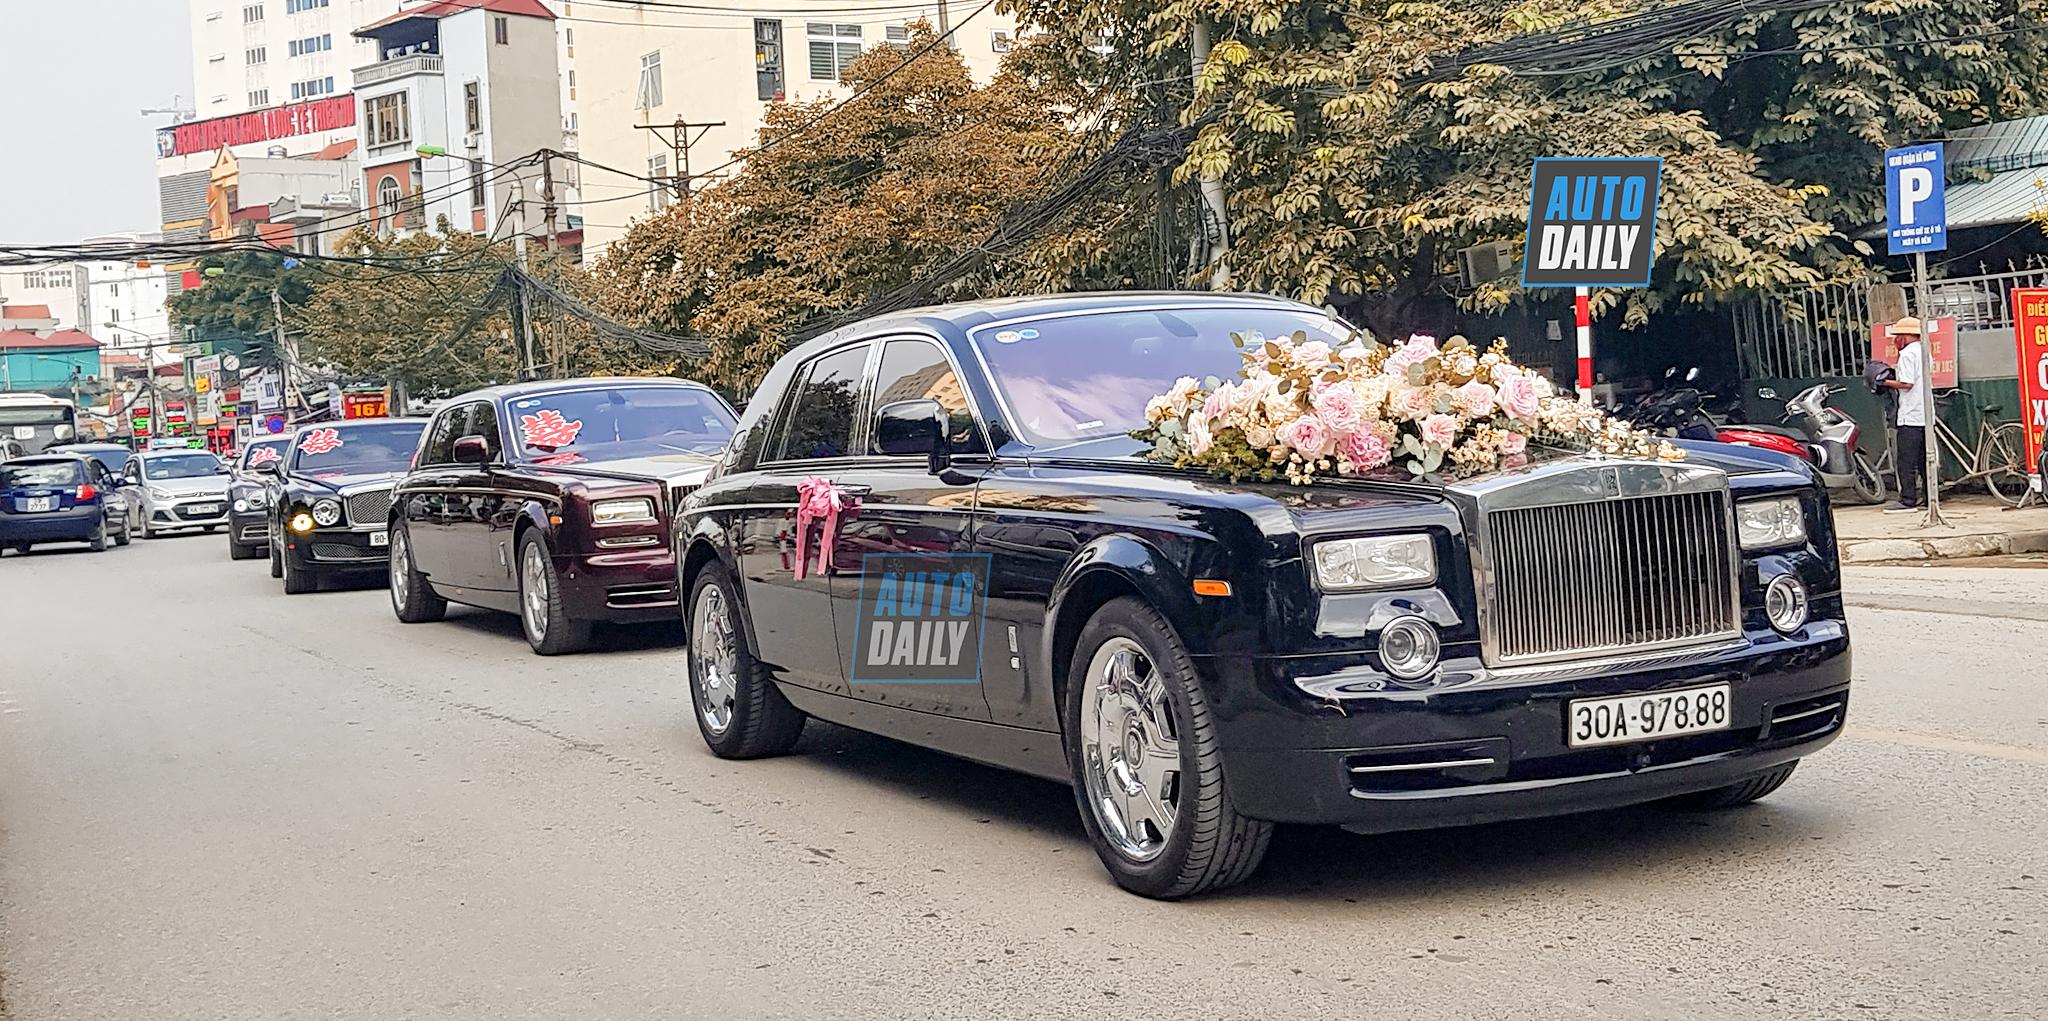 'Siêu đám cưới' với dàn xe hoa toàn Rolls-Royce và Bentley tại Hà Nội